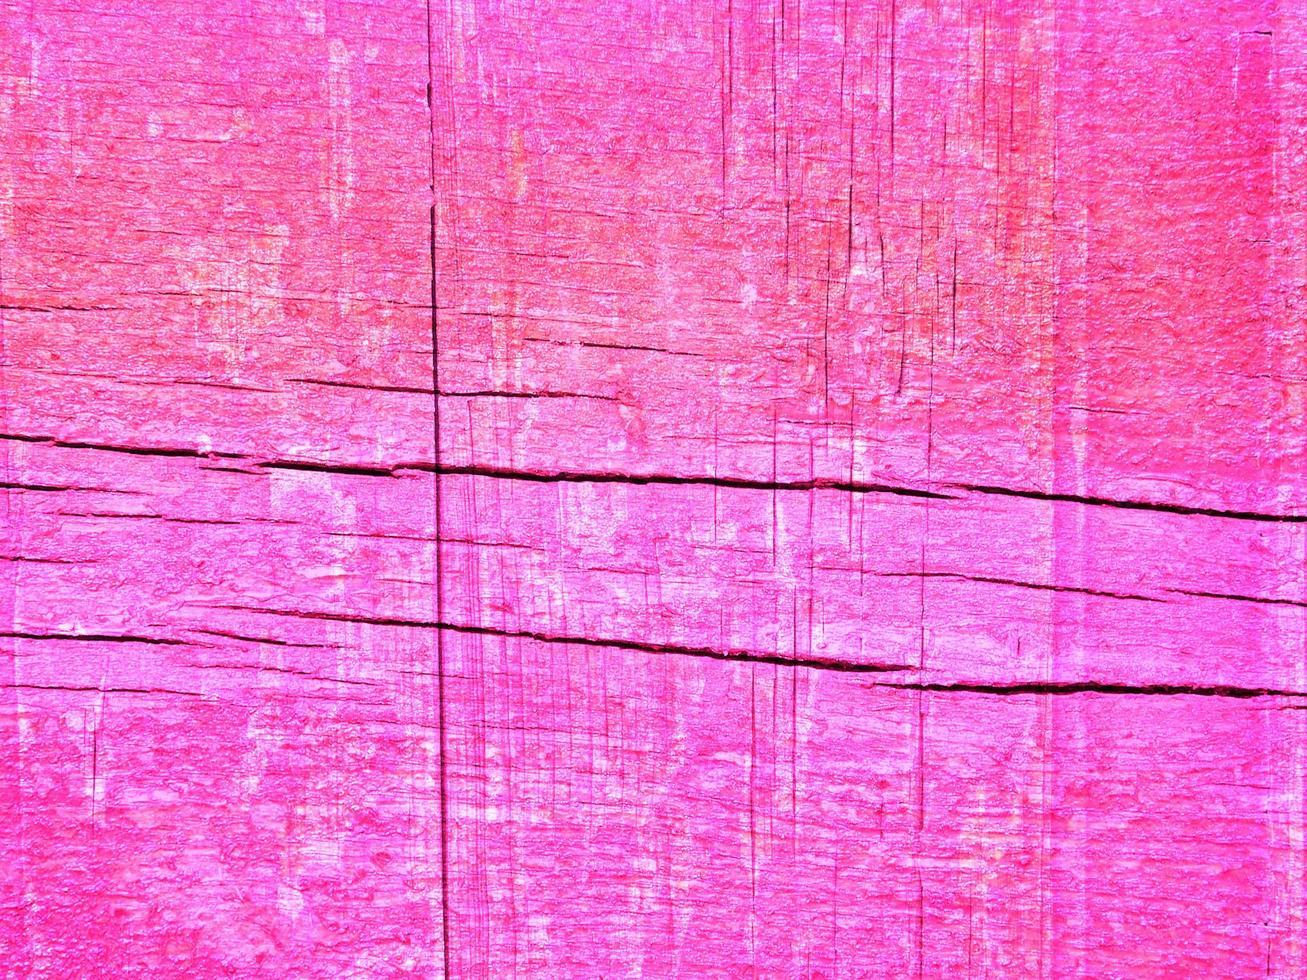 rosa trästruktur foto